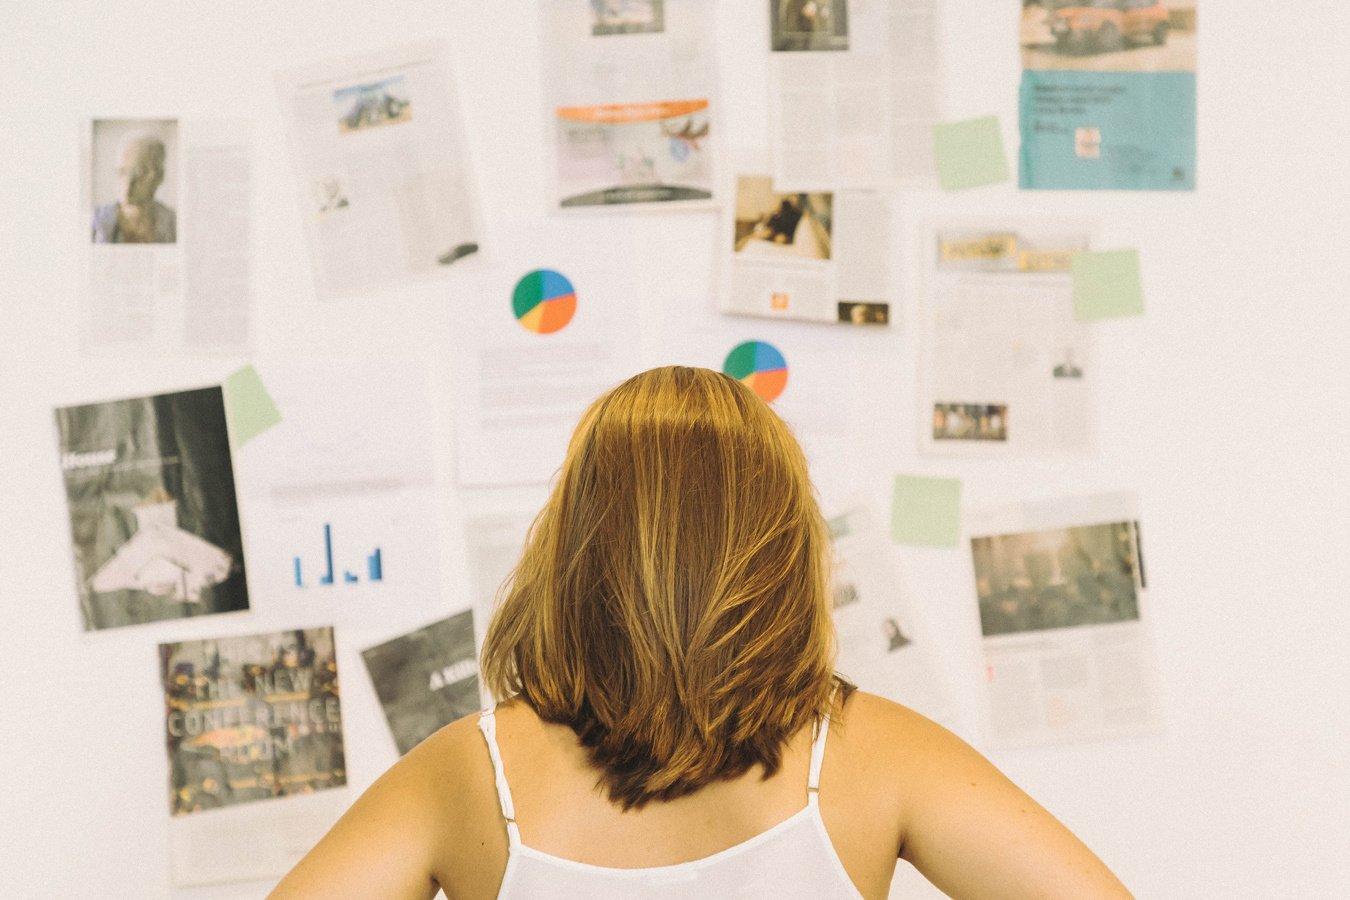 Réussir un benchmark : définition, conseils et étapes